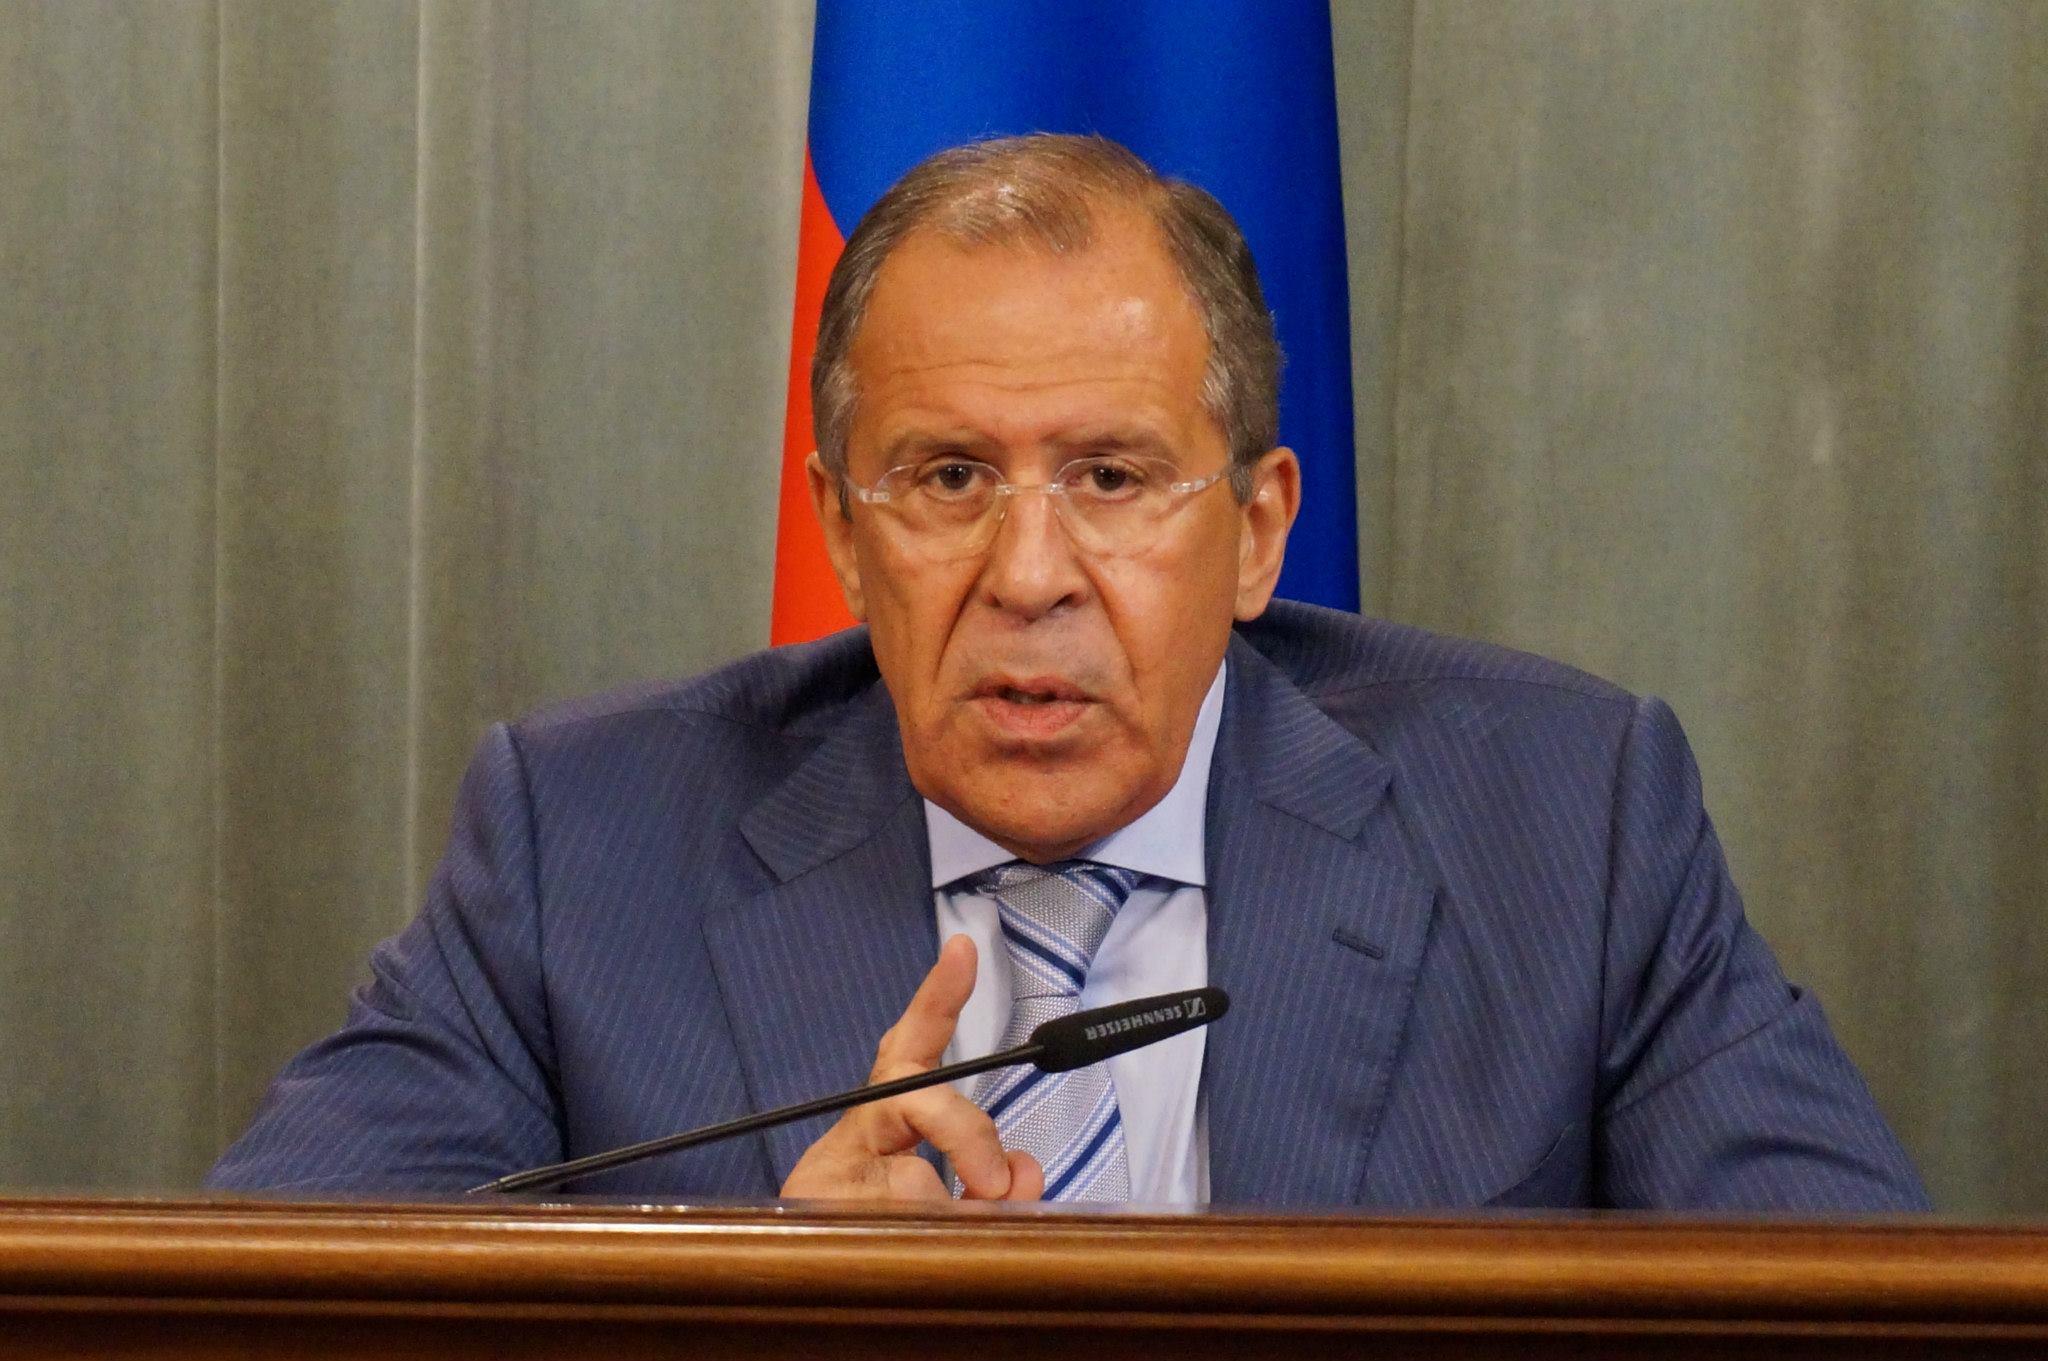 О контроле границы Киев должен договариваться с ДНР и ЛНР, - Лавров